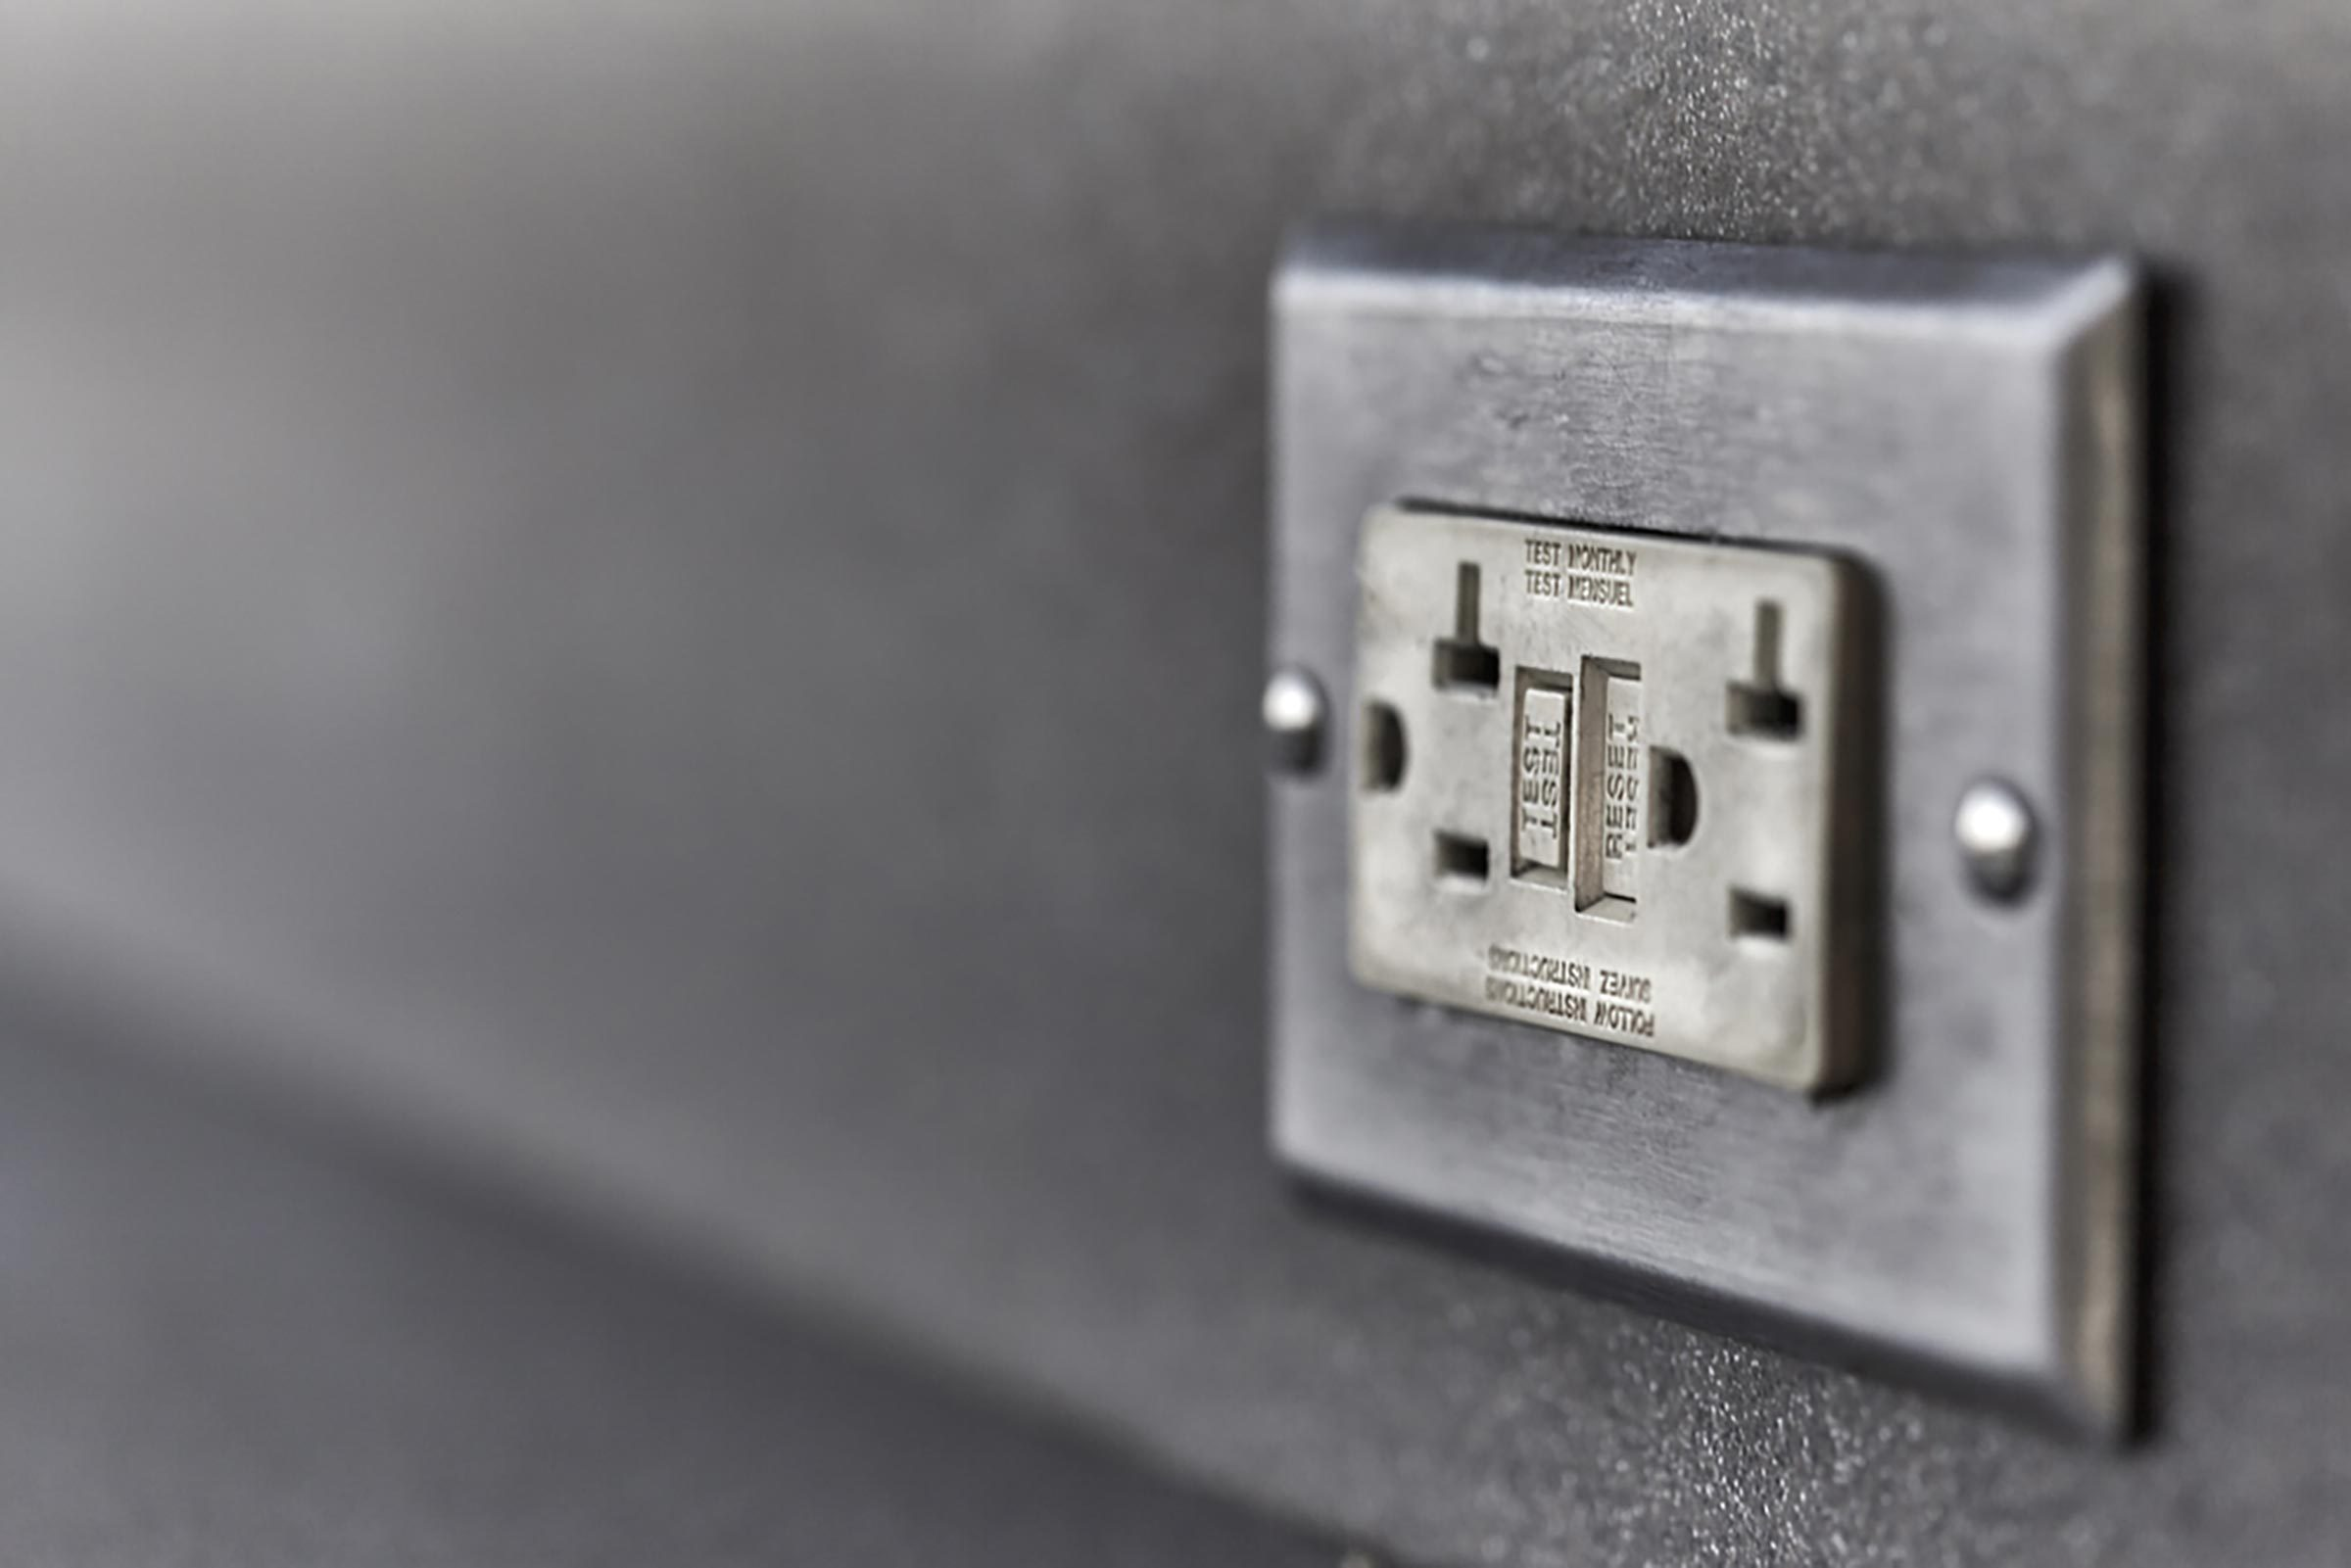 Maison: Réinitialisez le disjoncteur de votre prise de courant